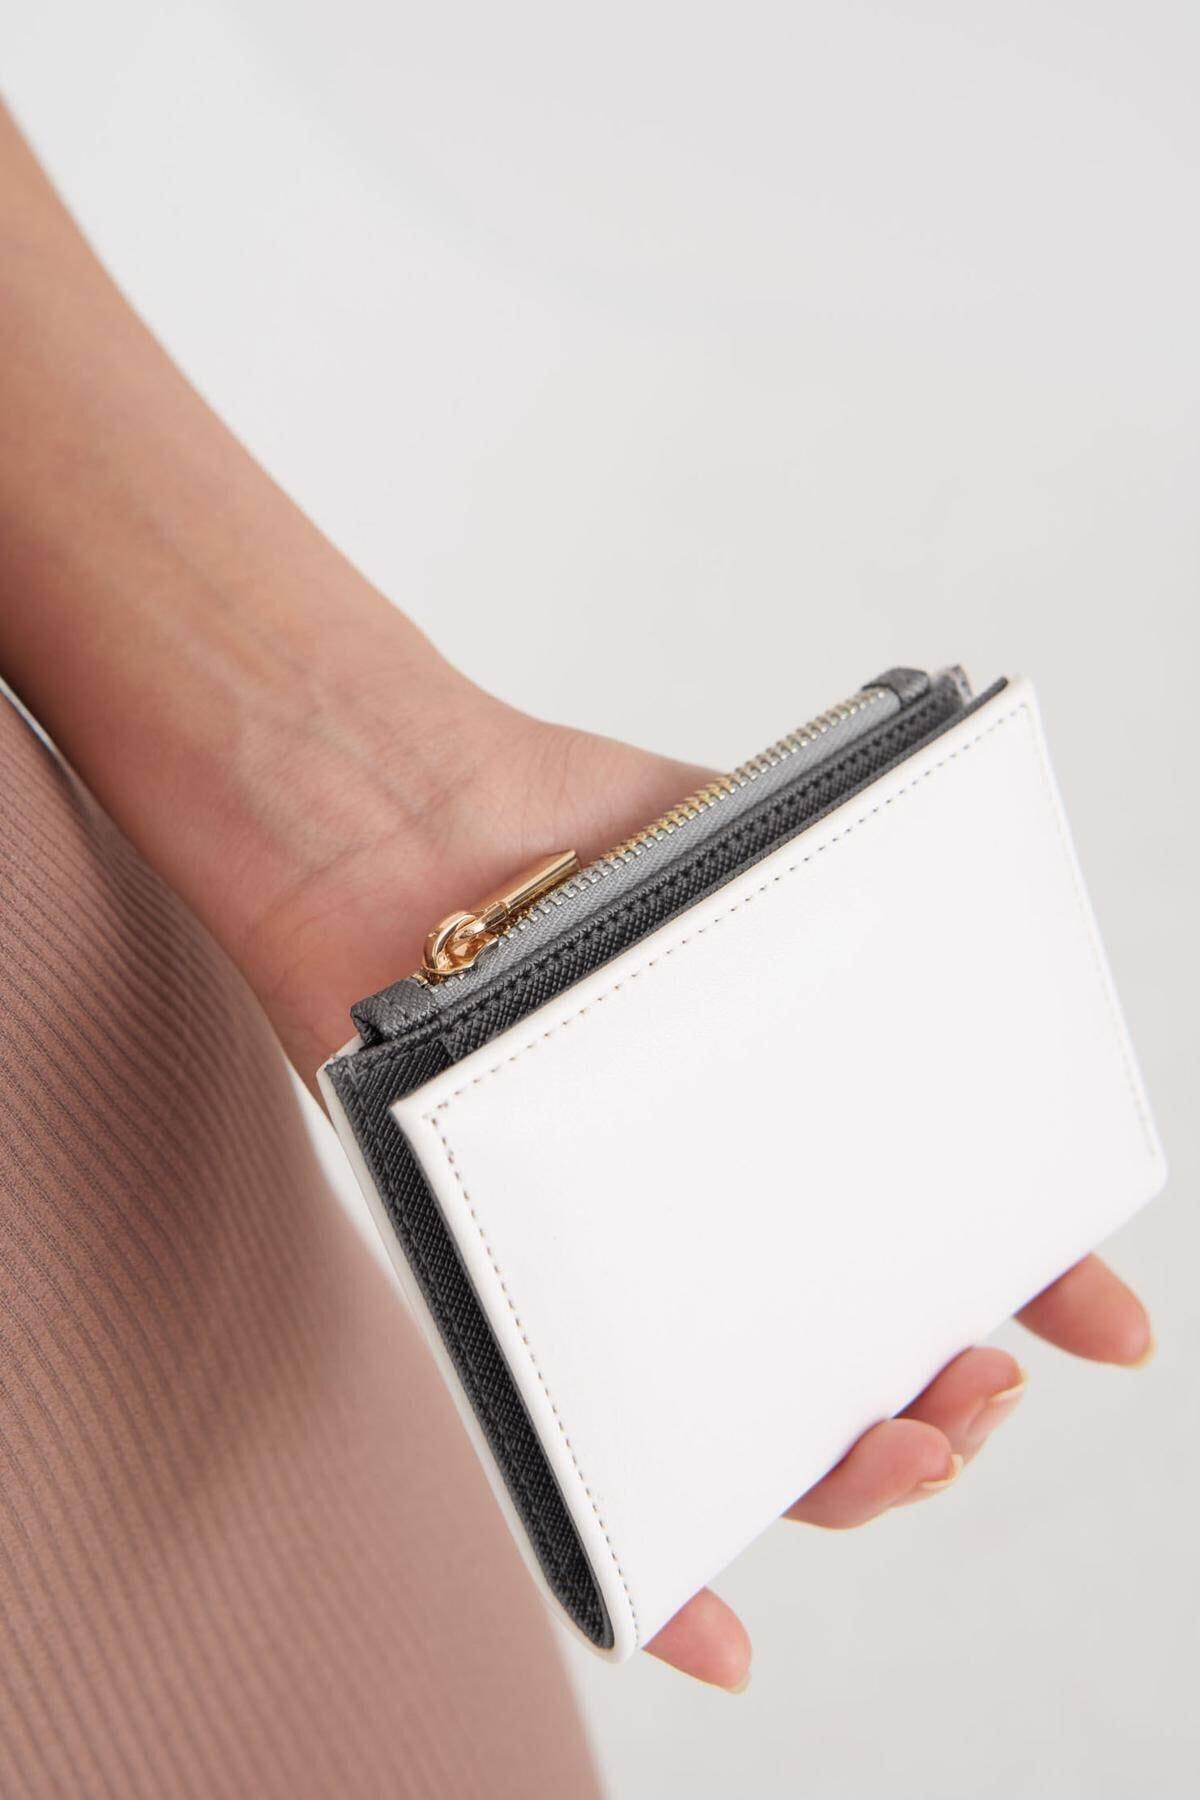 Addax Kadın Beyaz Cüzdan Czdn79 - F6 Adx-0000023259 2